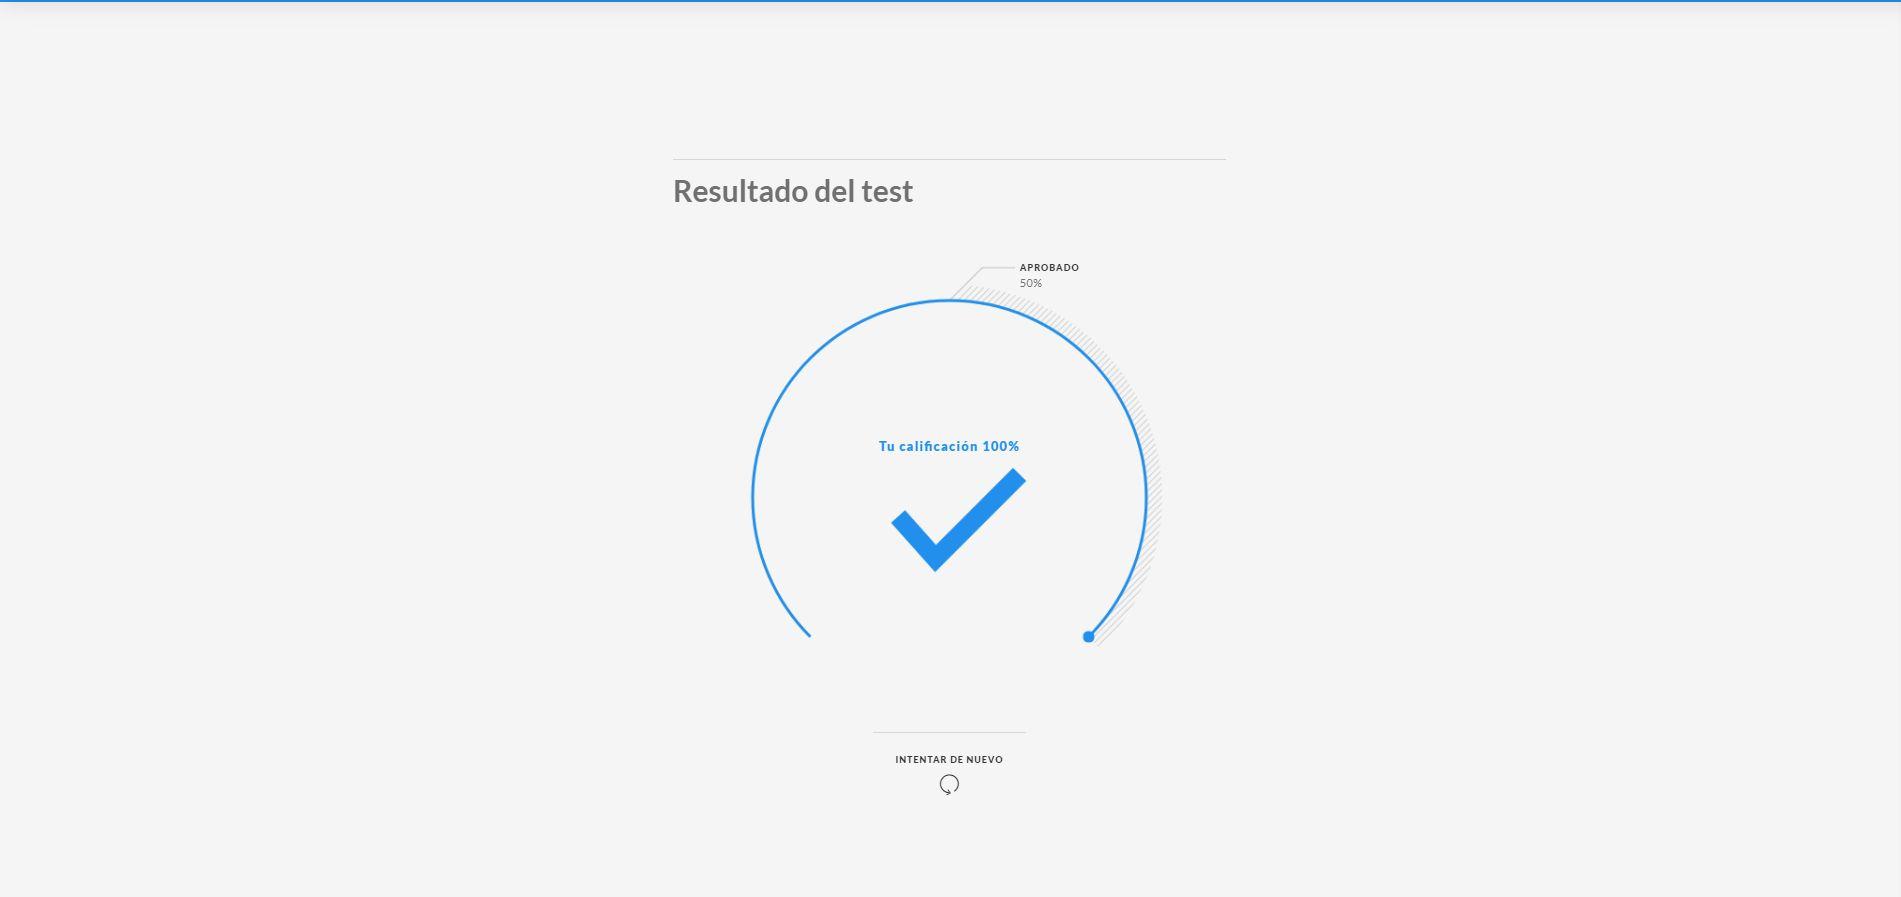 3. TESTS Y CERTIFICACIONES - Todos los capítulos terminan con un test para certificar la adquisición de conocimientos y que permiten obtener KPIs que ofrecen tranquilidad a las empresas, con datos como:- # de usuarios que han completado y superado el test- # de usuarios en curso- # de usuarios que no han empezado- Otros